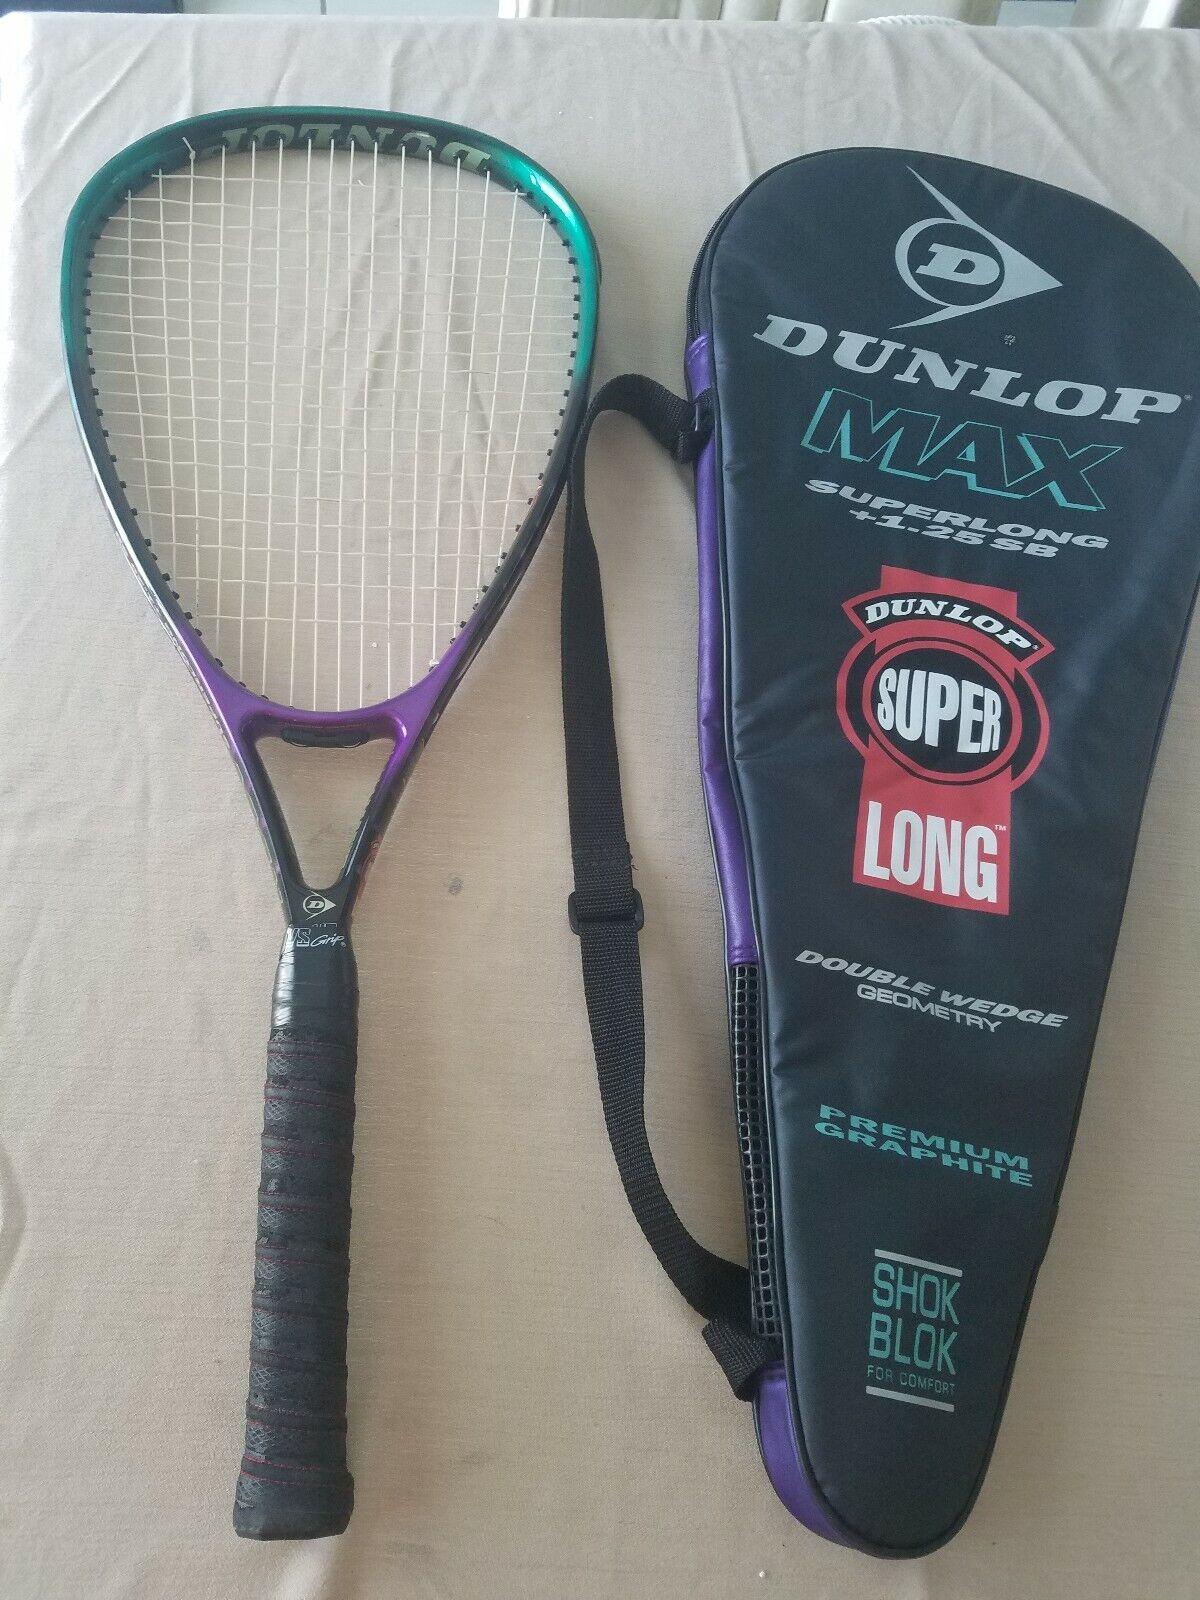 Dunlop MAX Superlong +1.25 SB 4 3 8 Tennis Racquet w Case EXCELLENT CONDITION